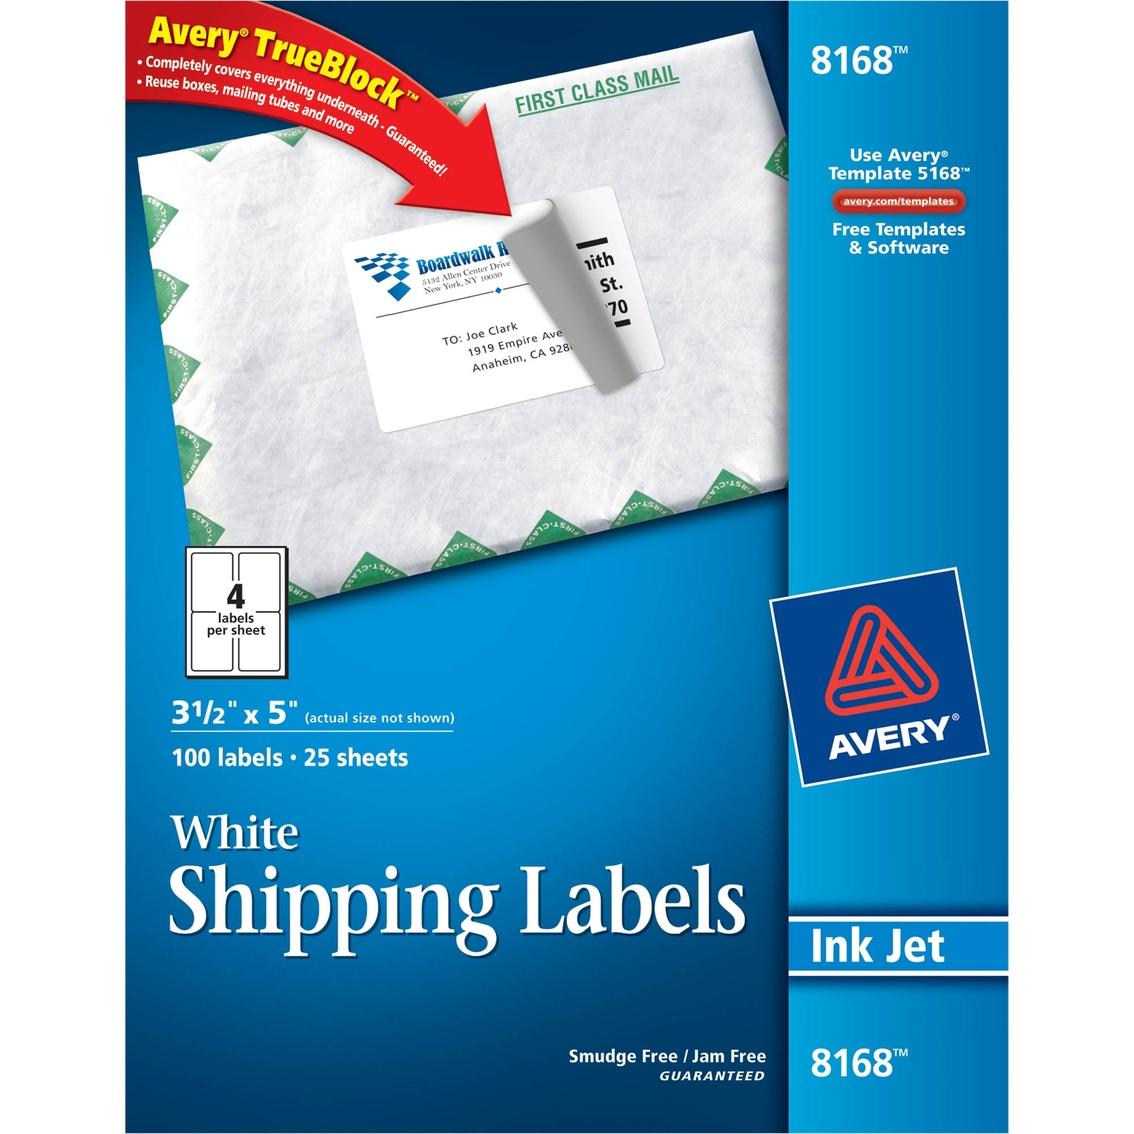 Avery Shipping Labels Ultrahold Trueblock Inkjet 3 12 X 5